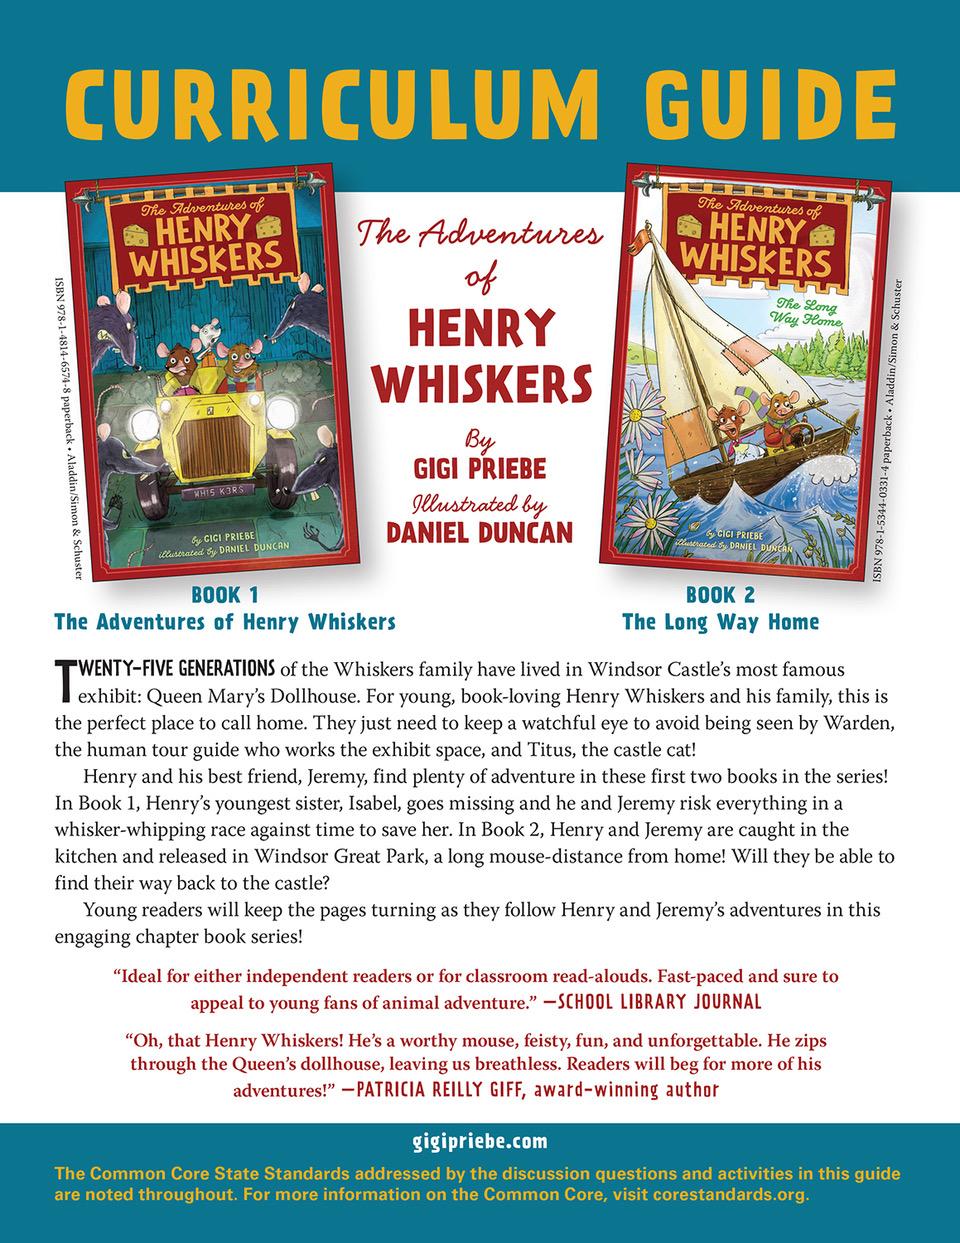 Henry Whiskers guide p 1.jpg